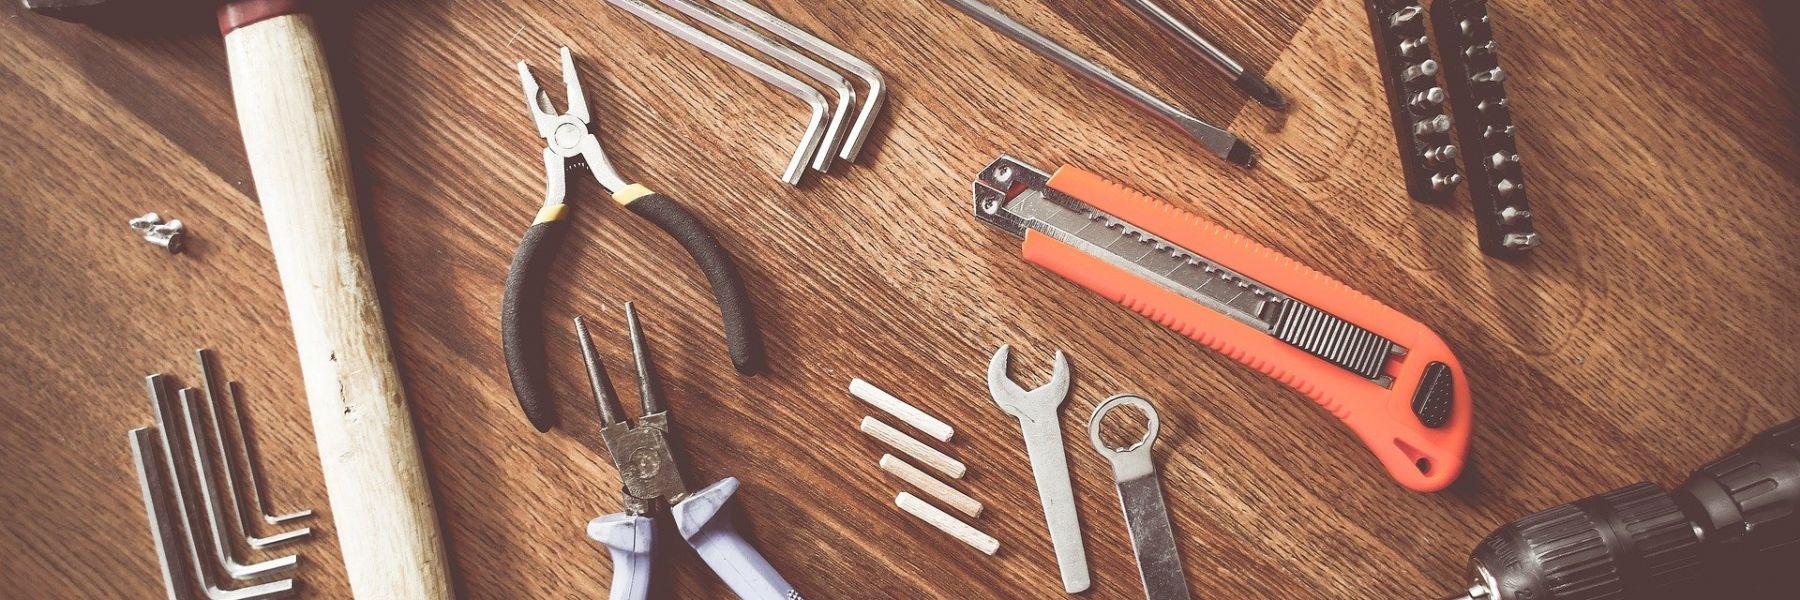 Underrated Tools im Einkauf